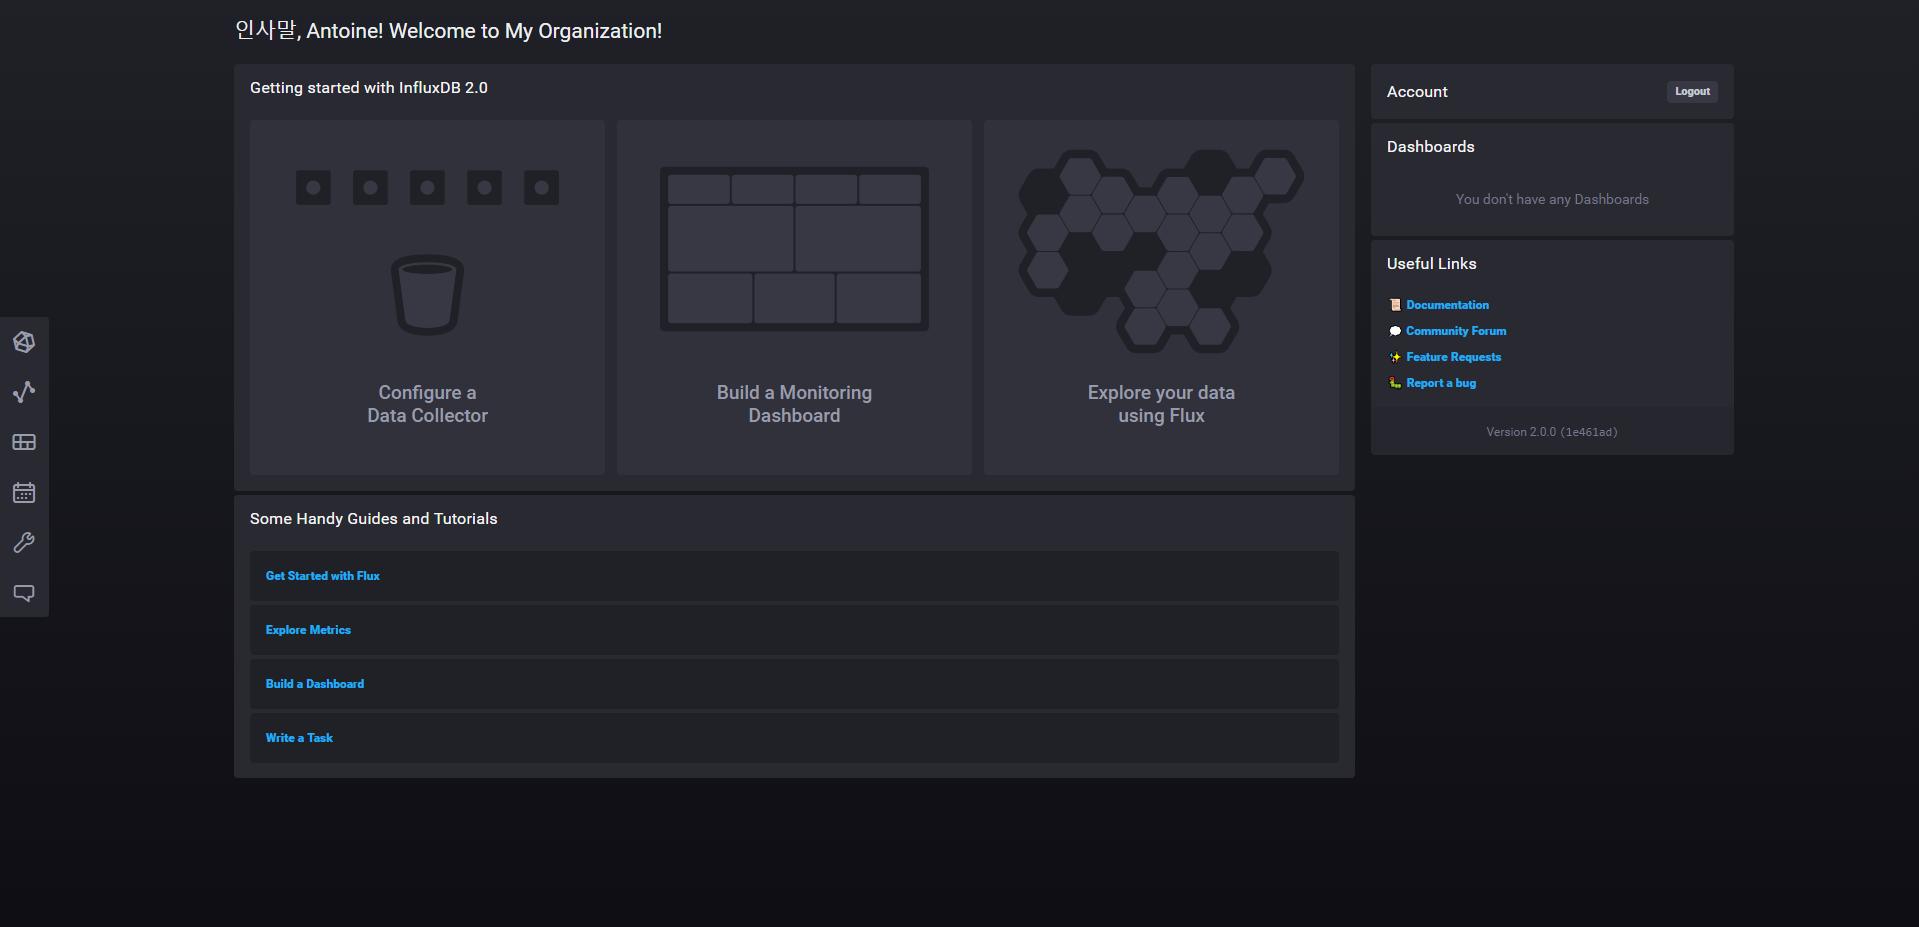 InfluxDB 2.0 welcome screen